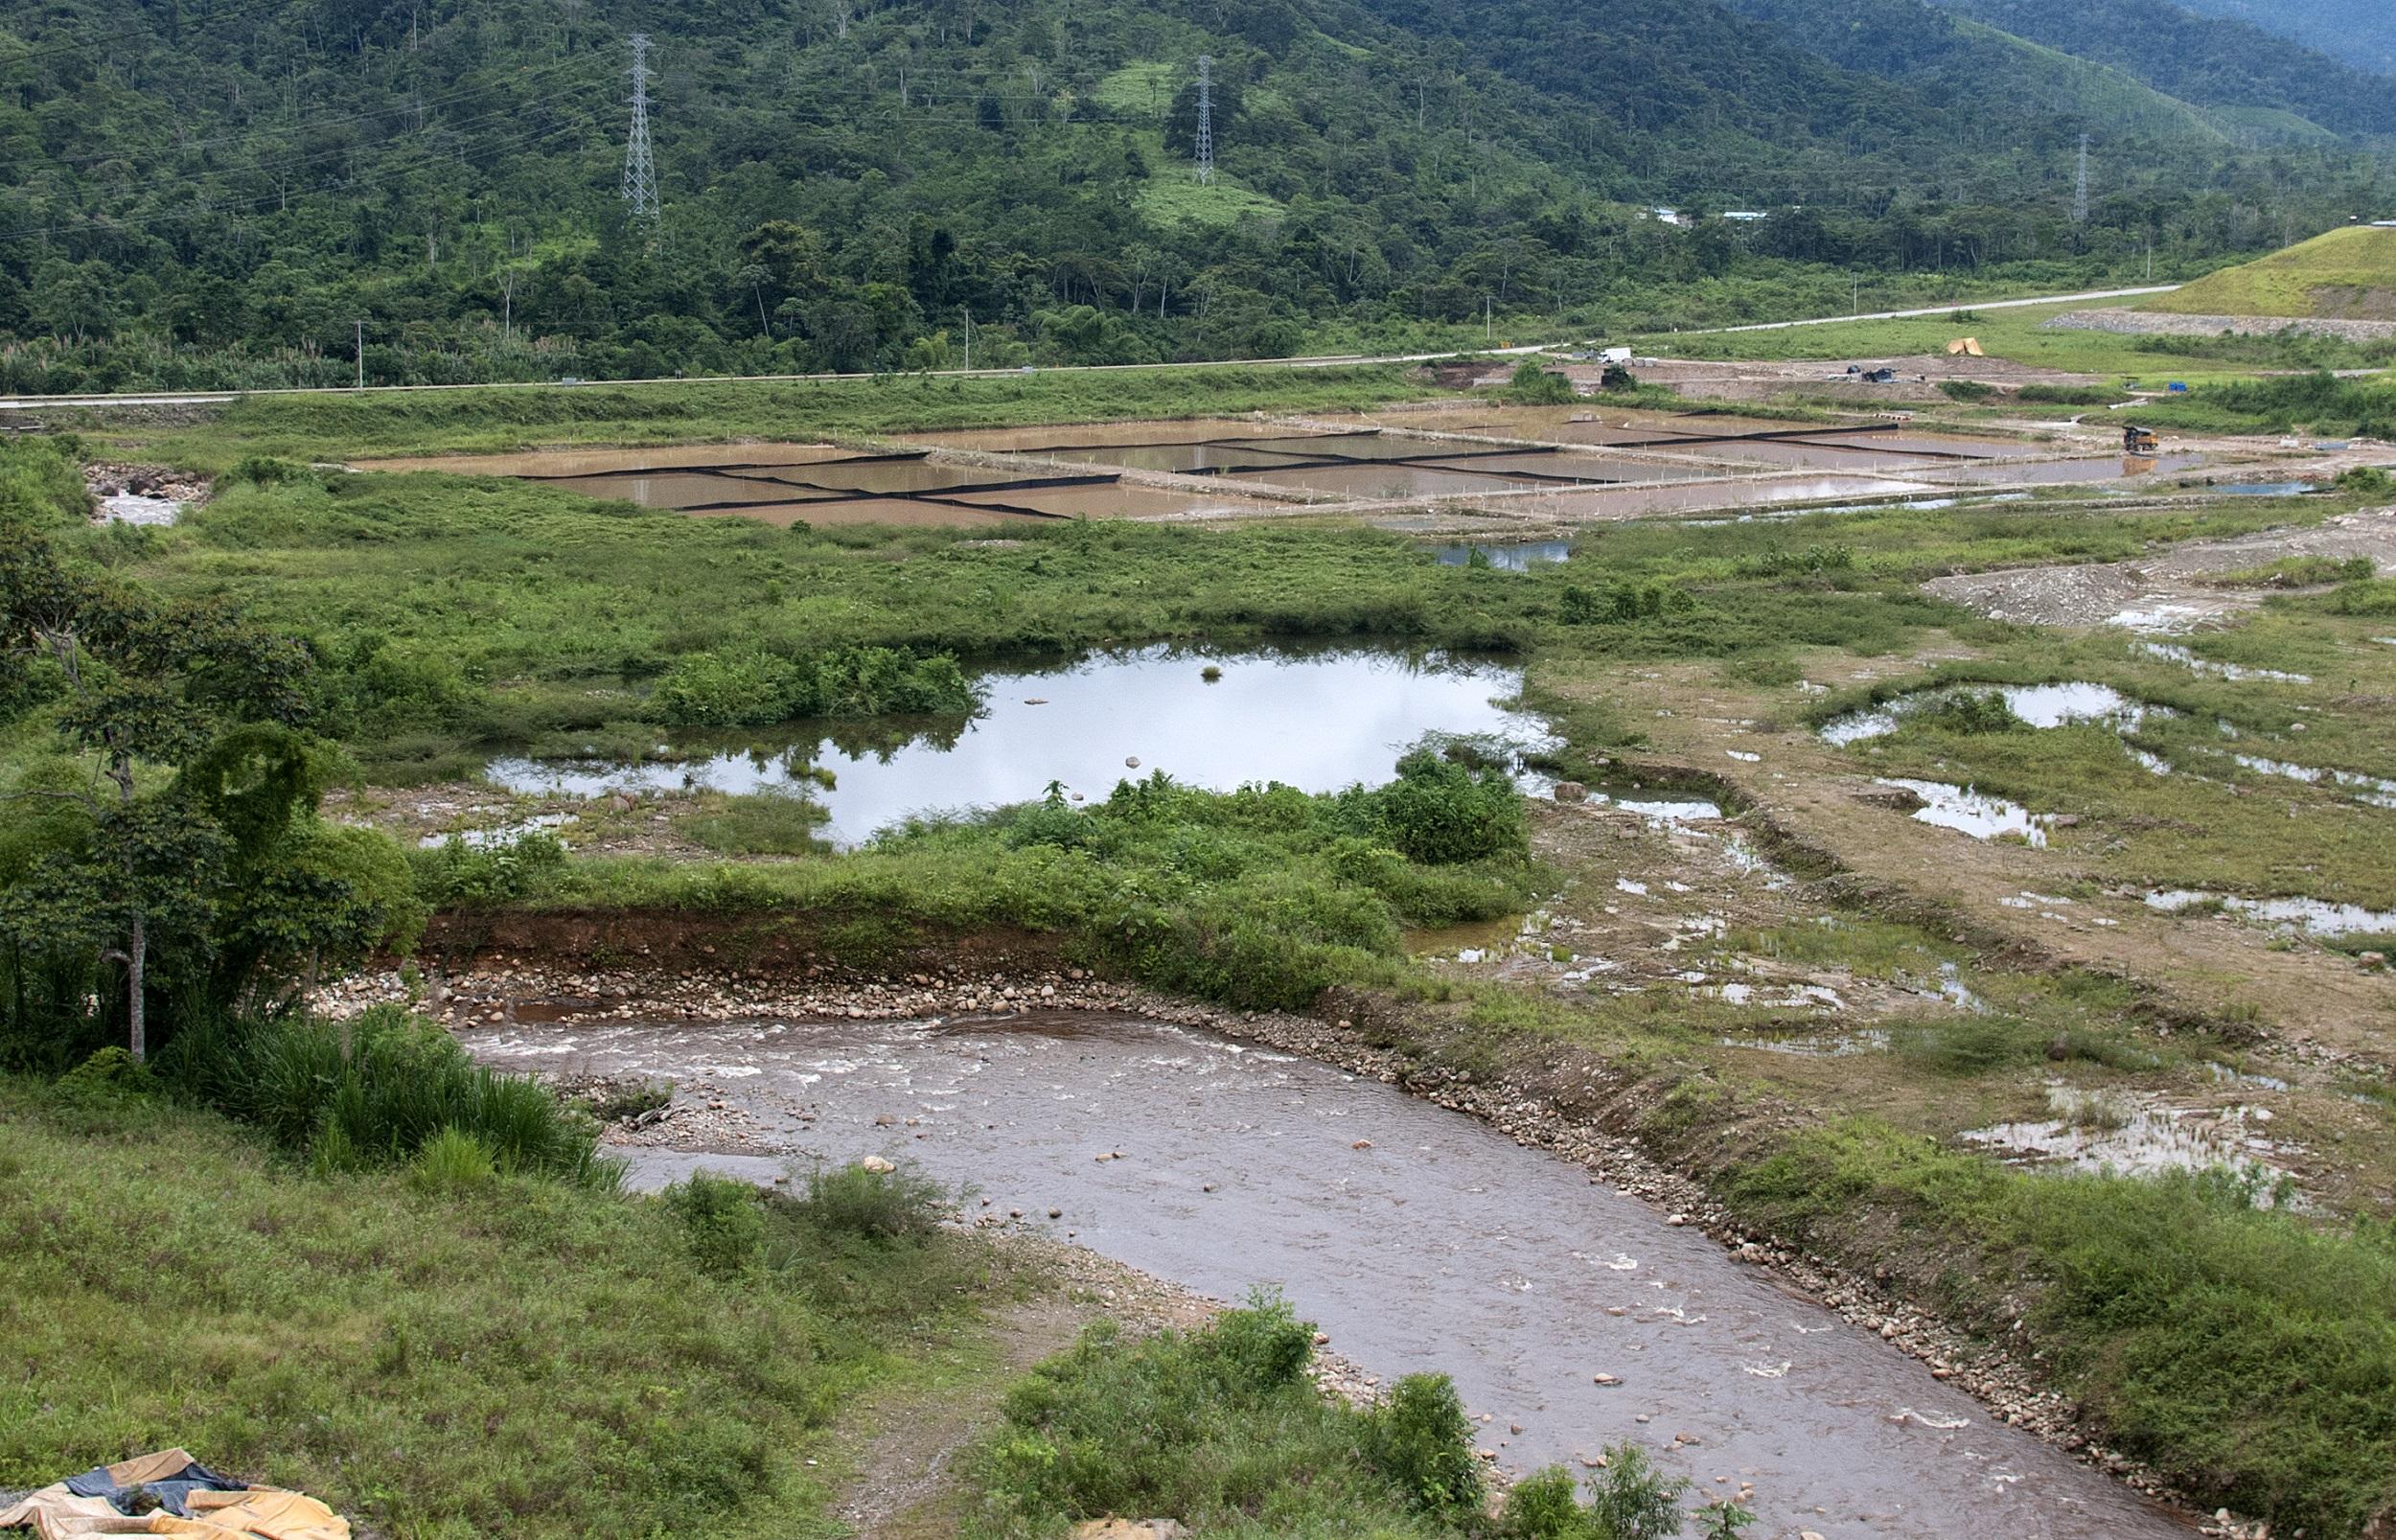 Piscinas de tratamiento de aguas del proyecto Mirador. Foto: Segundo Espín / Revista Vistazo.